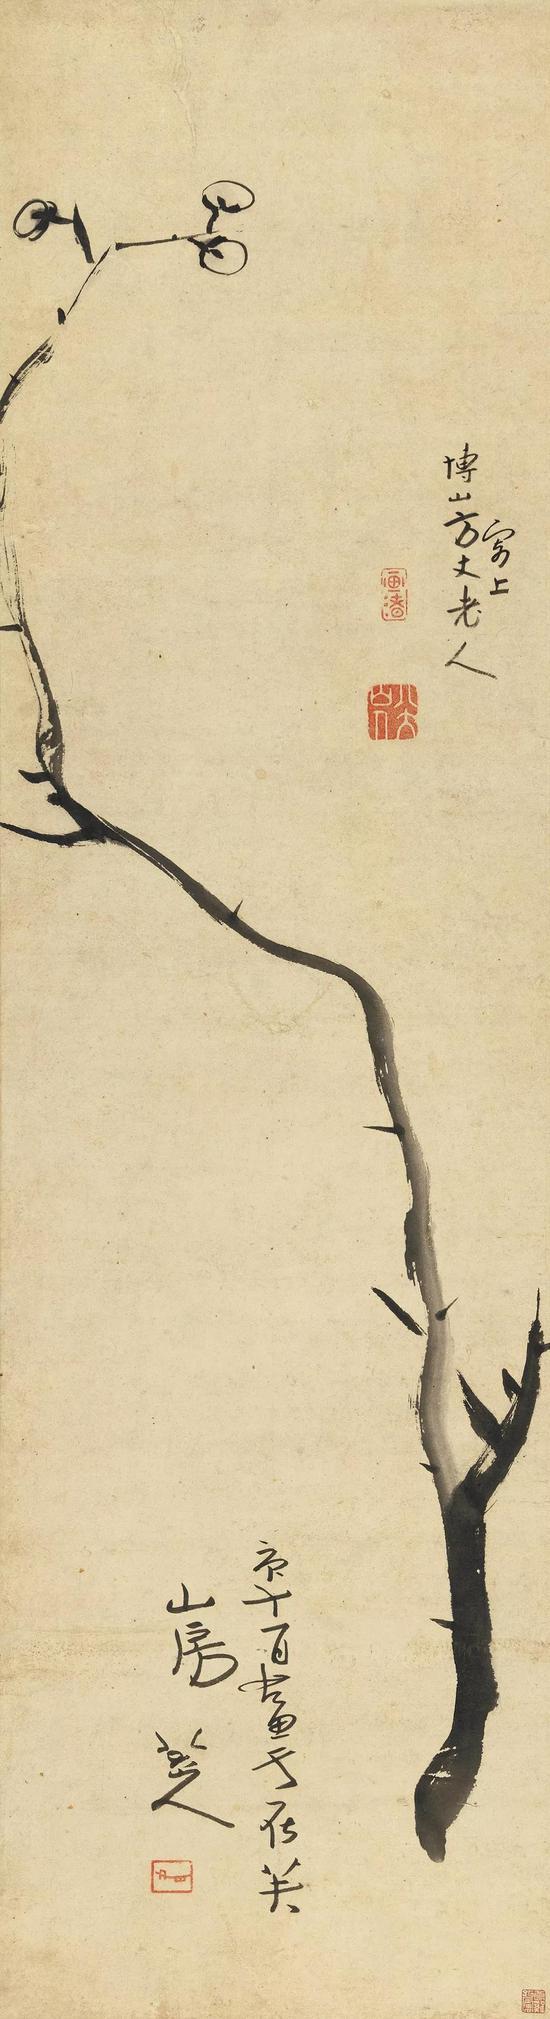 朱耷 墨梅图 立轴 水墨纸本125×34 cm 成交价:RMB 34,500,000